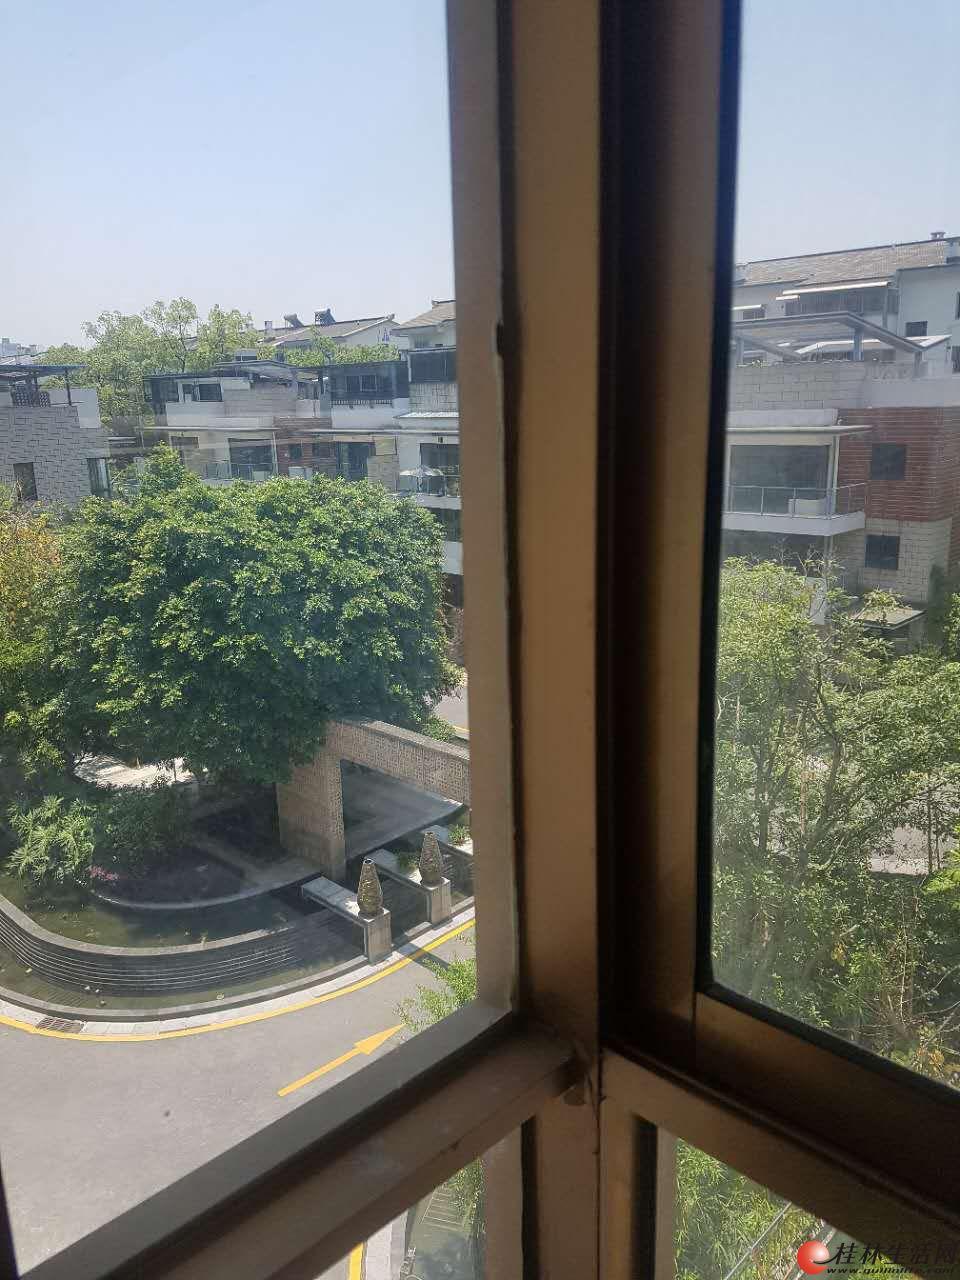 七星区 公园绿涛湾东园复式 四房两厅三卫161平 180万 可使用200多平 三四五层毛坯 稀